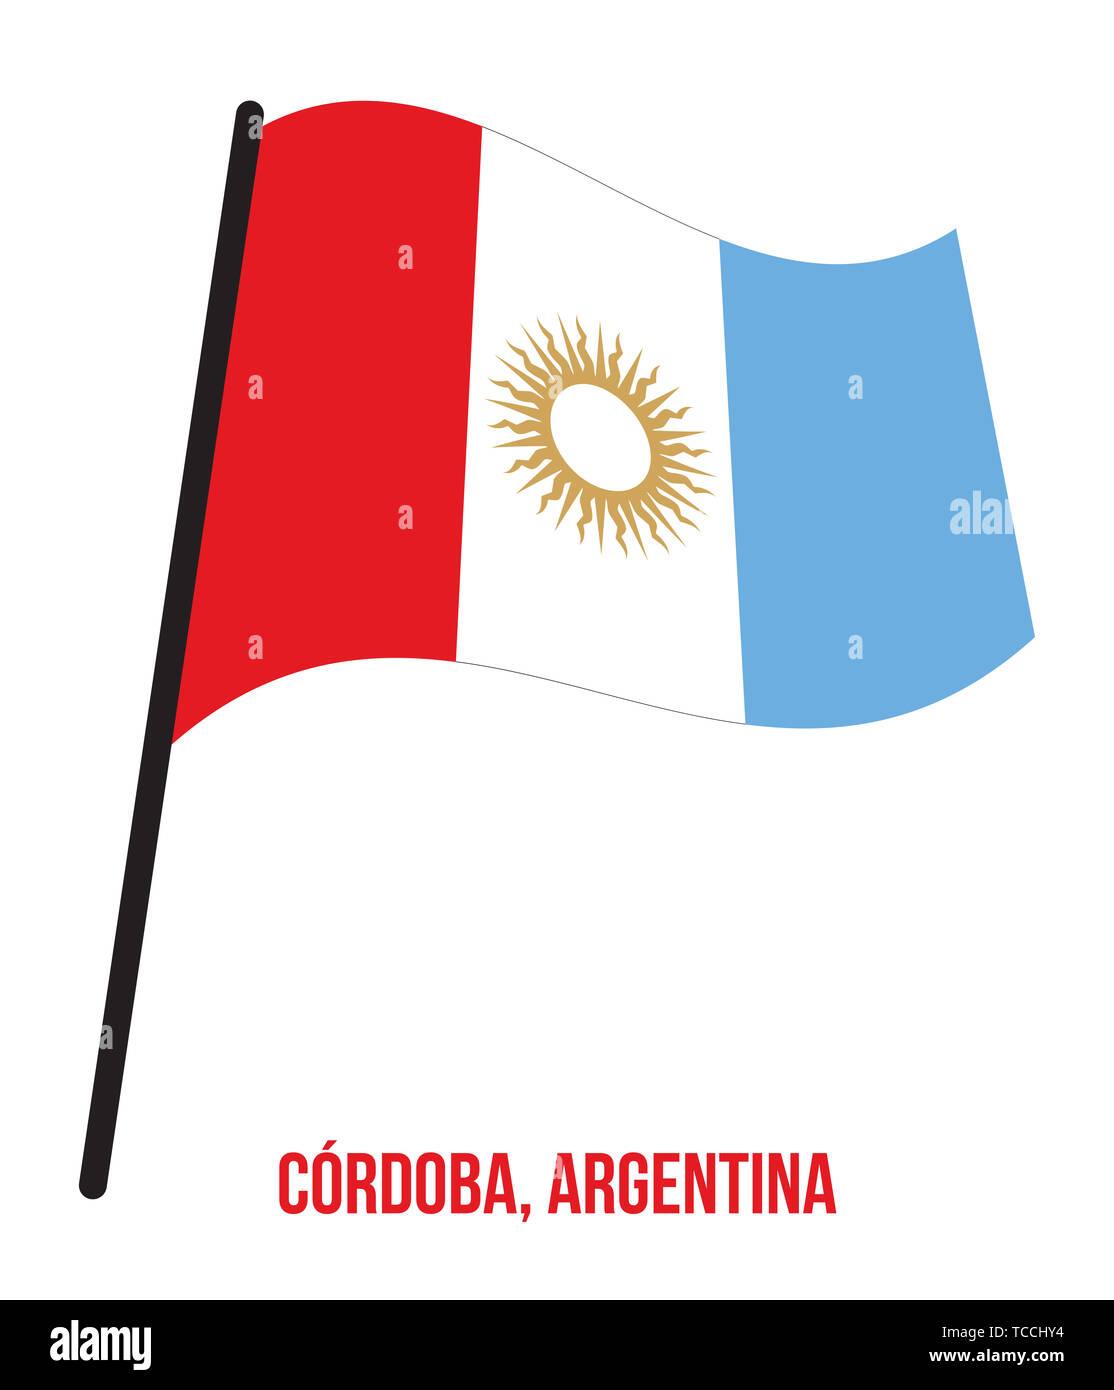 Cordoba Flag Waving Vector Illustration on White Background. Flag of Argentina Provinces. - Stock Image